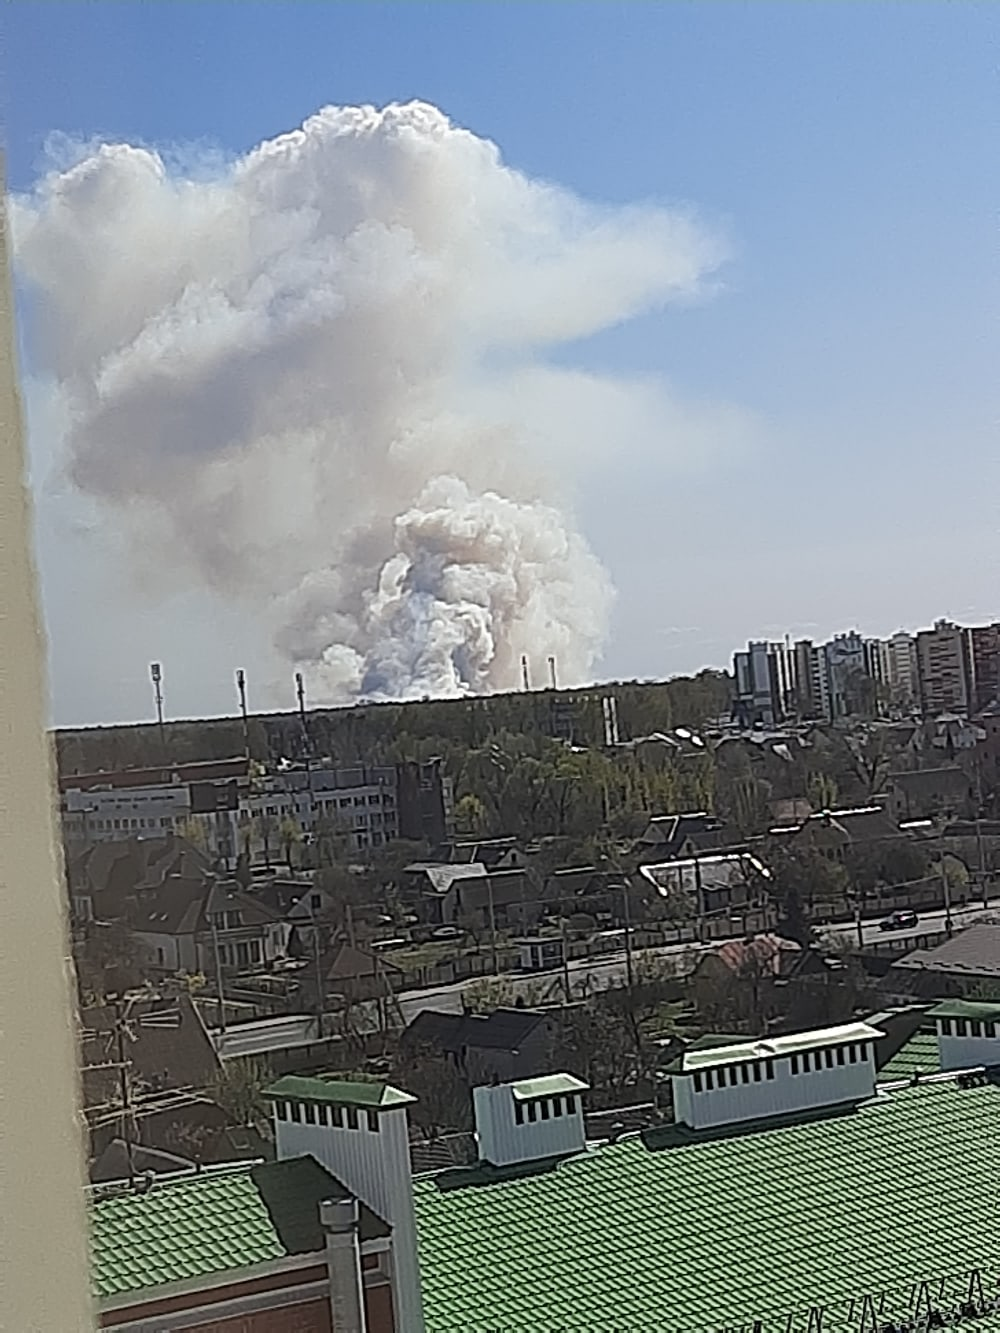 Сильный пожар где-то в районе полигона под Брестом